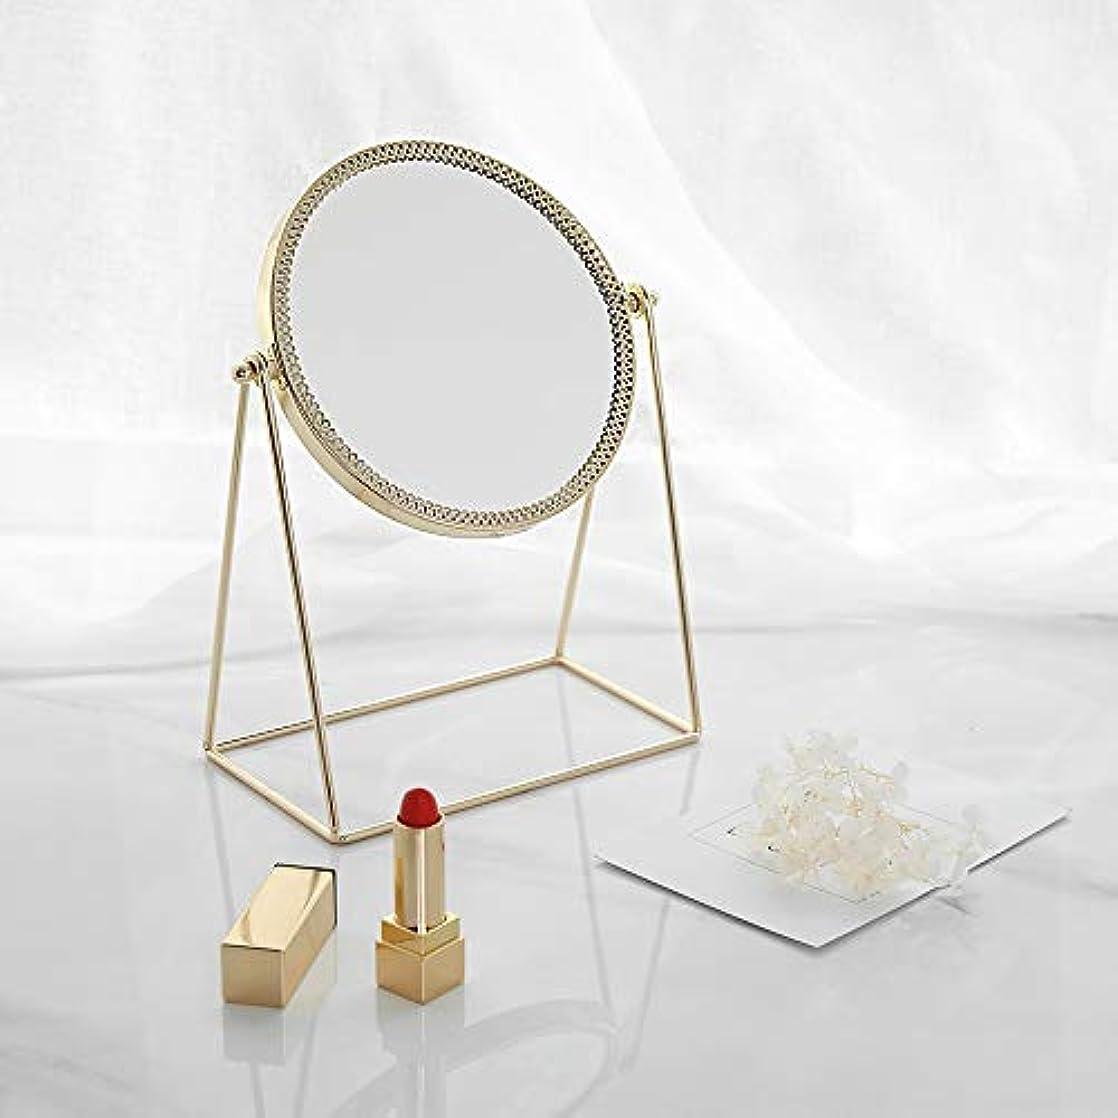 電池ハント安定流行の 現代の創造性ゴールドラウンドアイアンフレーム+ミラーデスクトップミラー/化粧鏡